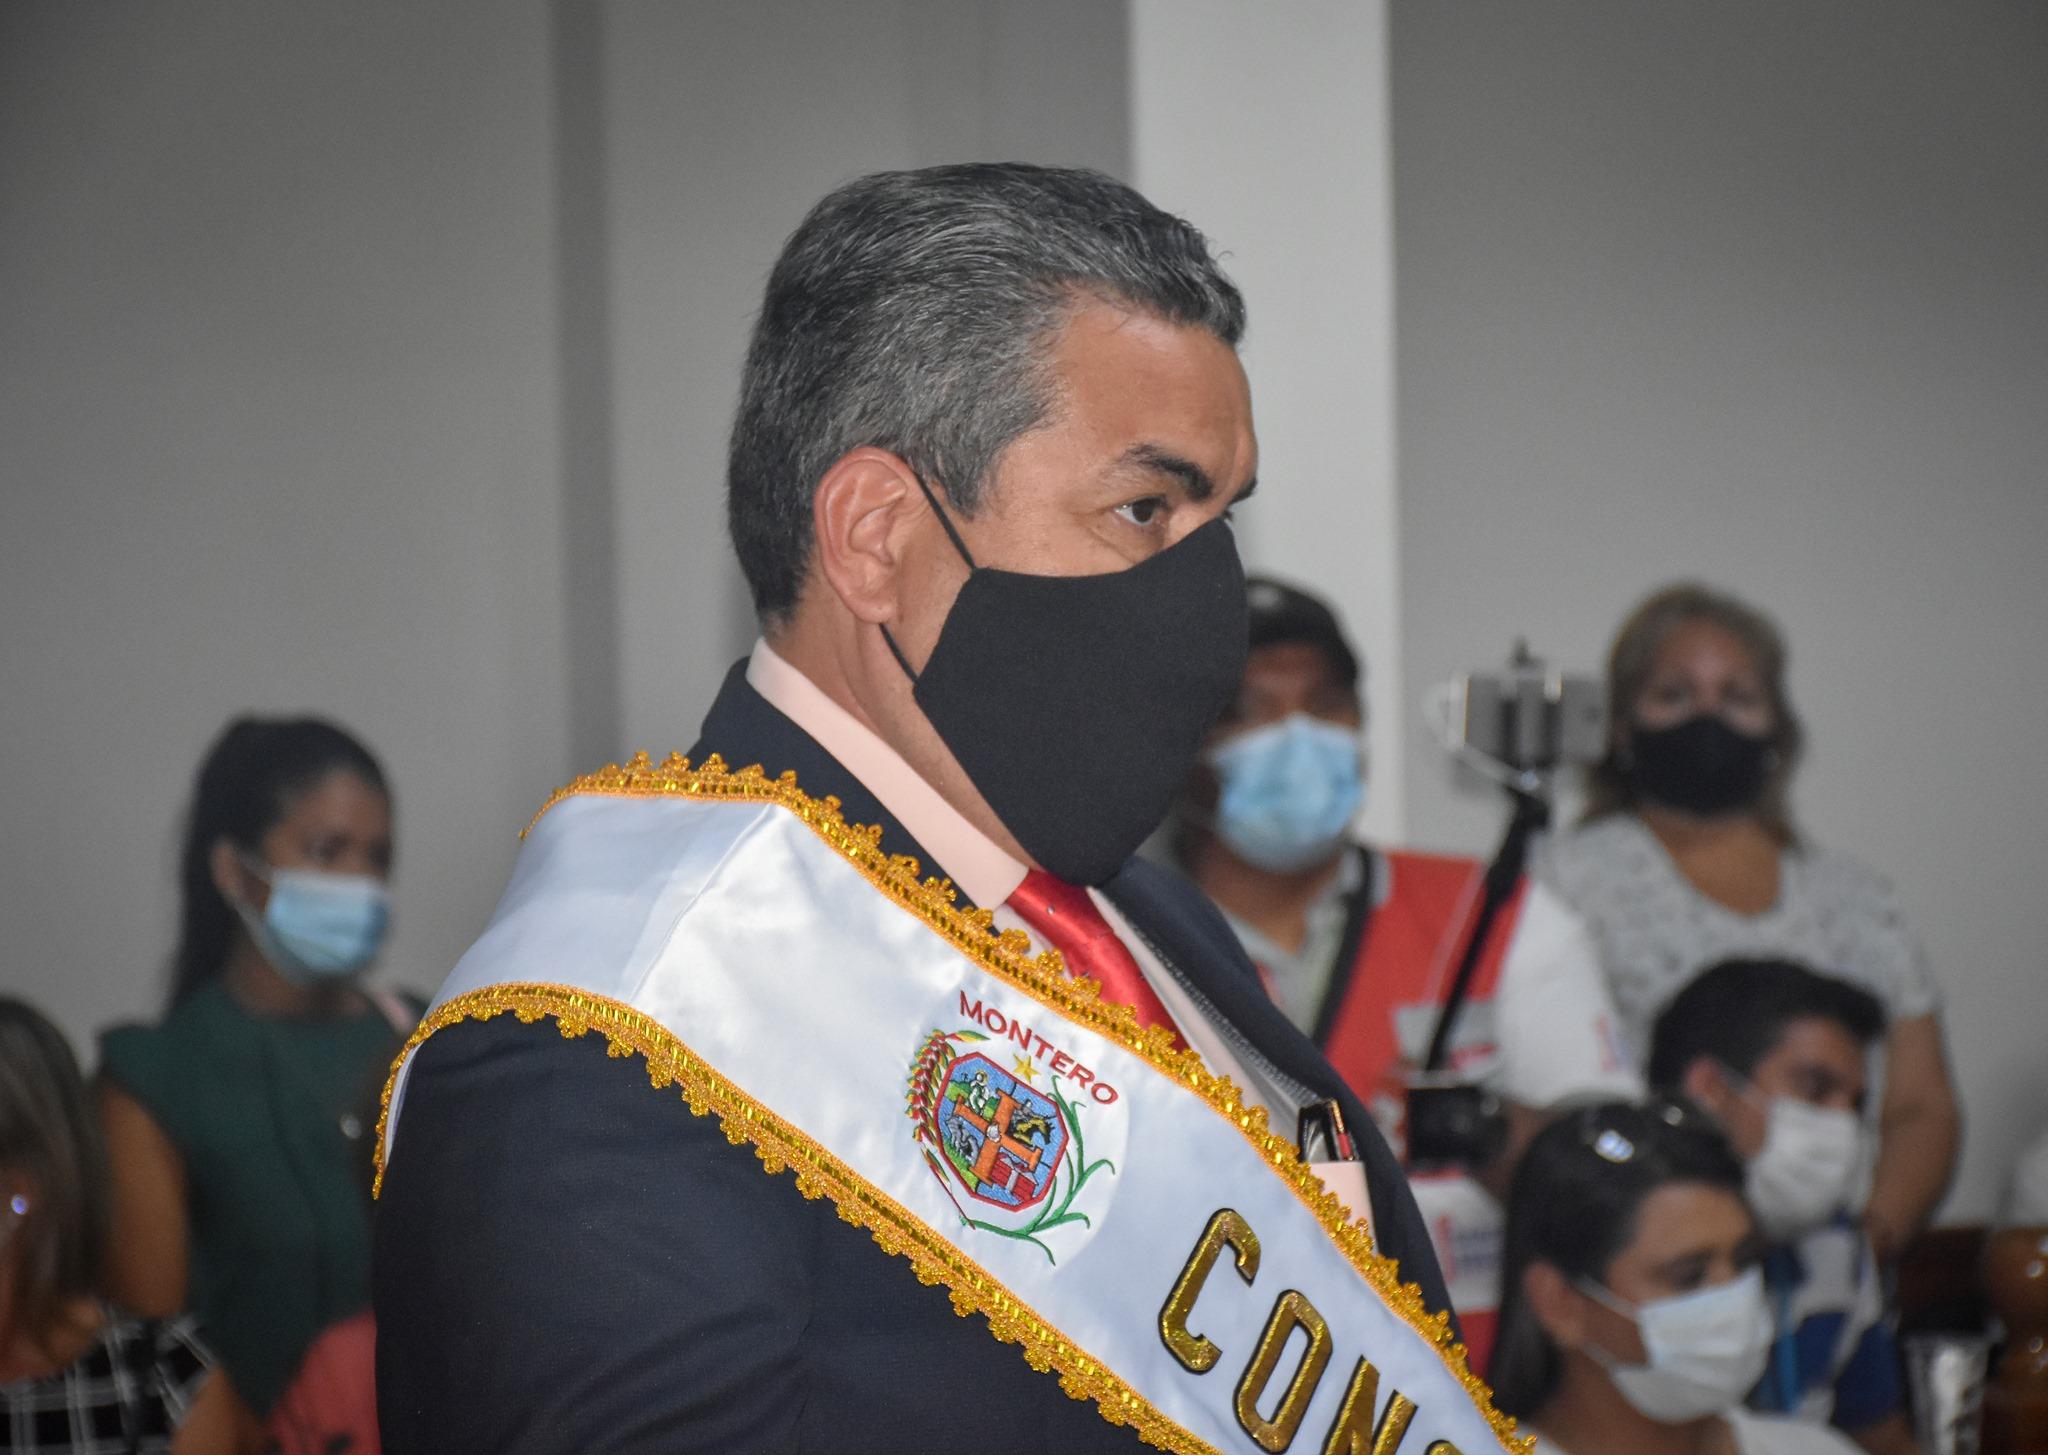 WILLAN PERALES ES EL NUEVO PRESIDENTE DEL CONCEJO